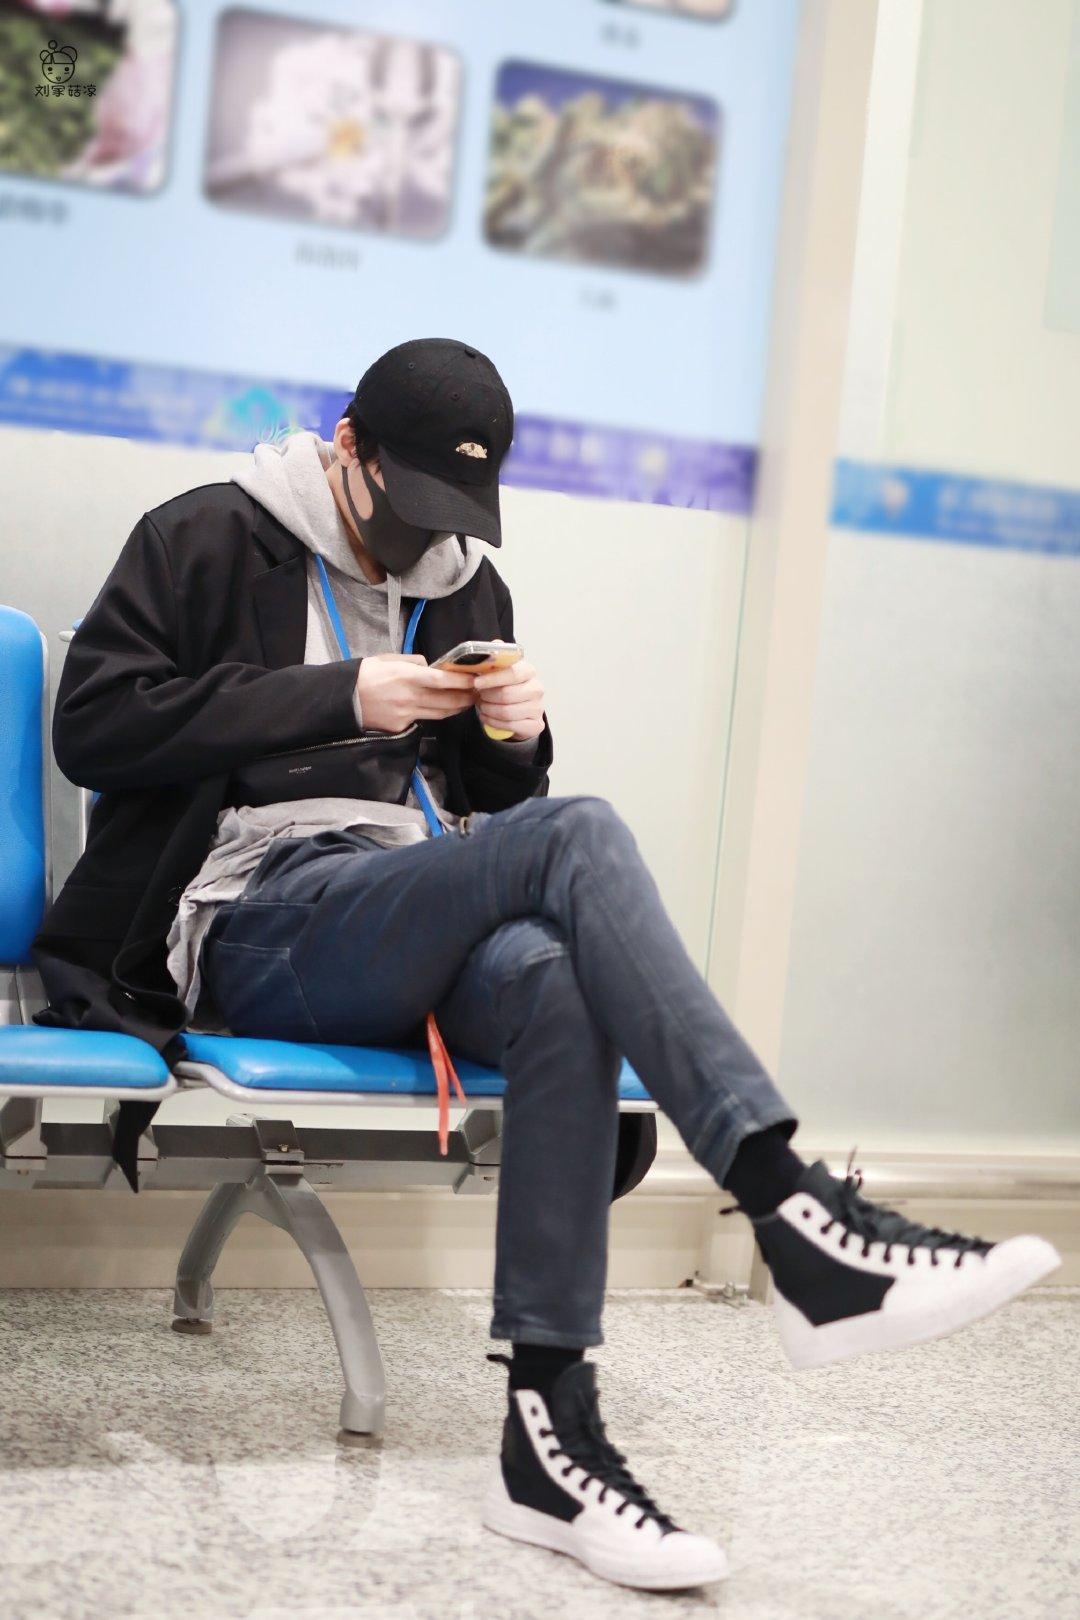 刘宇宁无锡到达宁哥这无处安放的大长腿~低头认真玩手机的冲浪少年